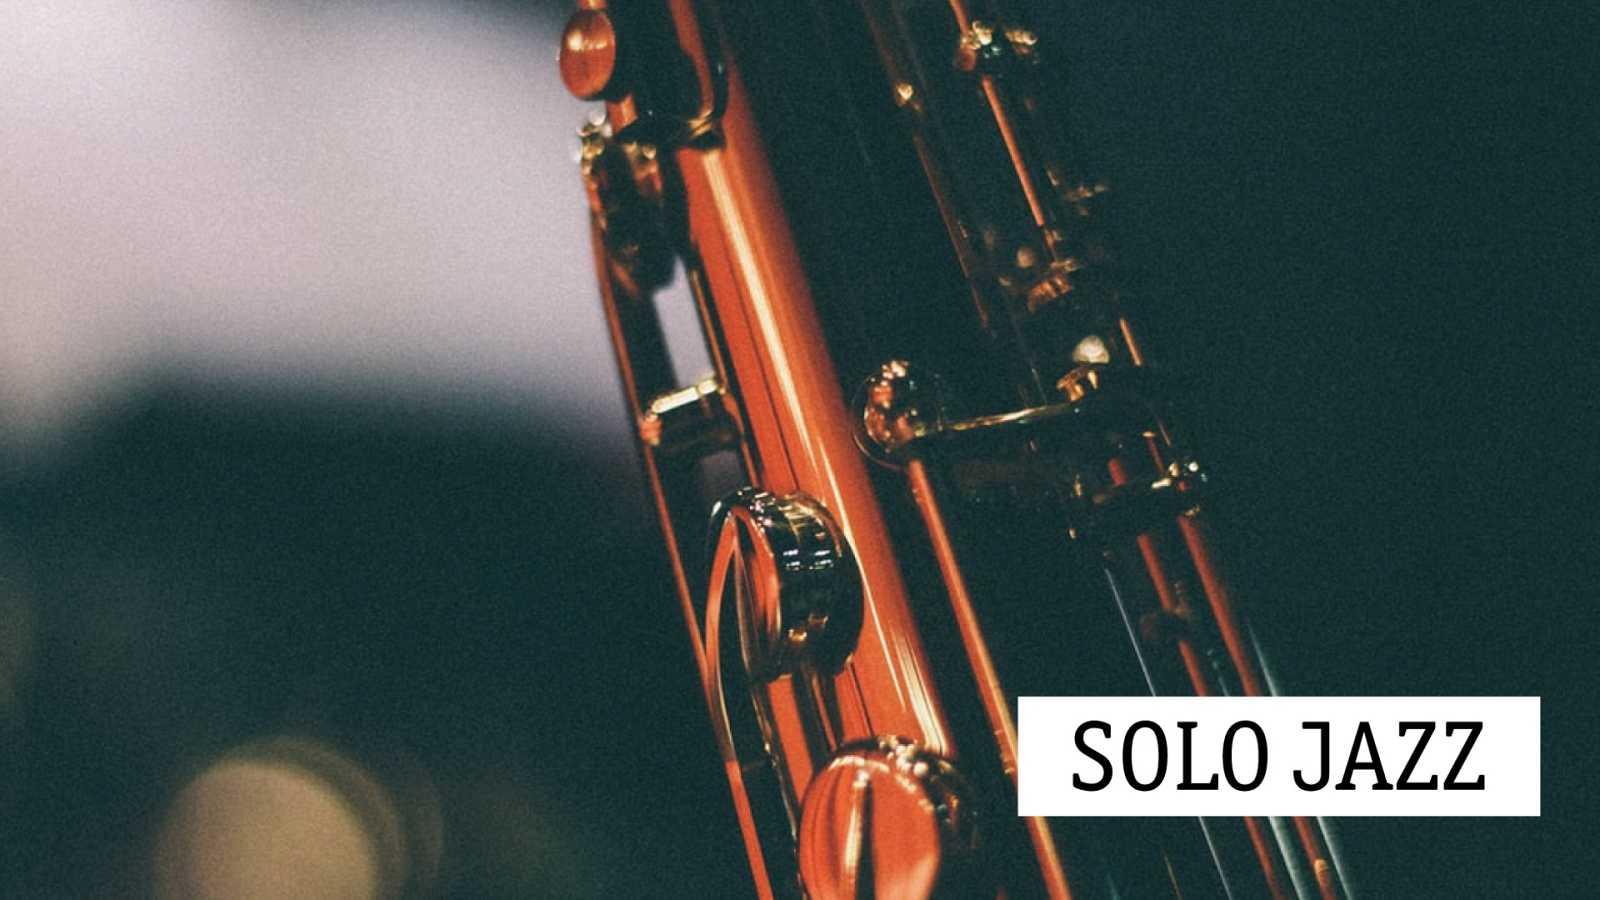 Solo Jazz - ¿Te parece que hablemos de Roland Kirk? - 22/02/21 - escuchar ahora